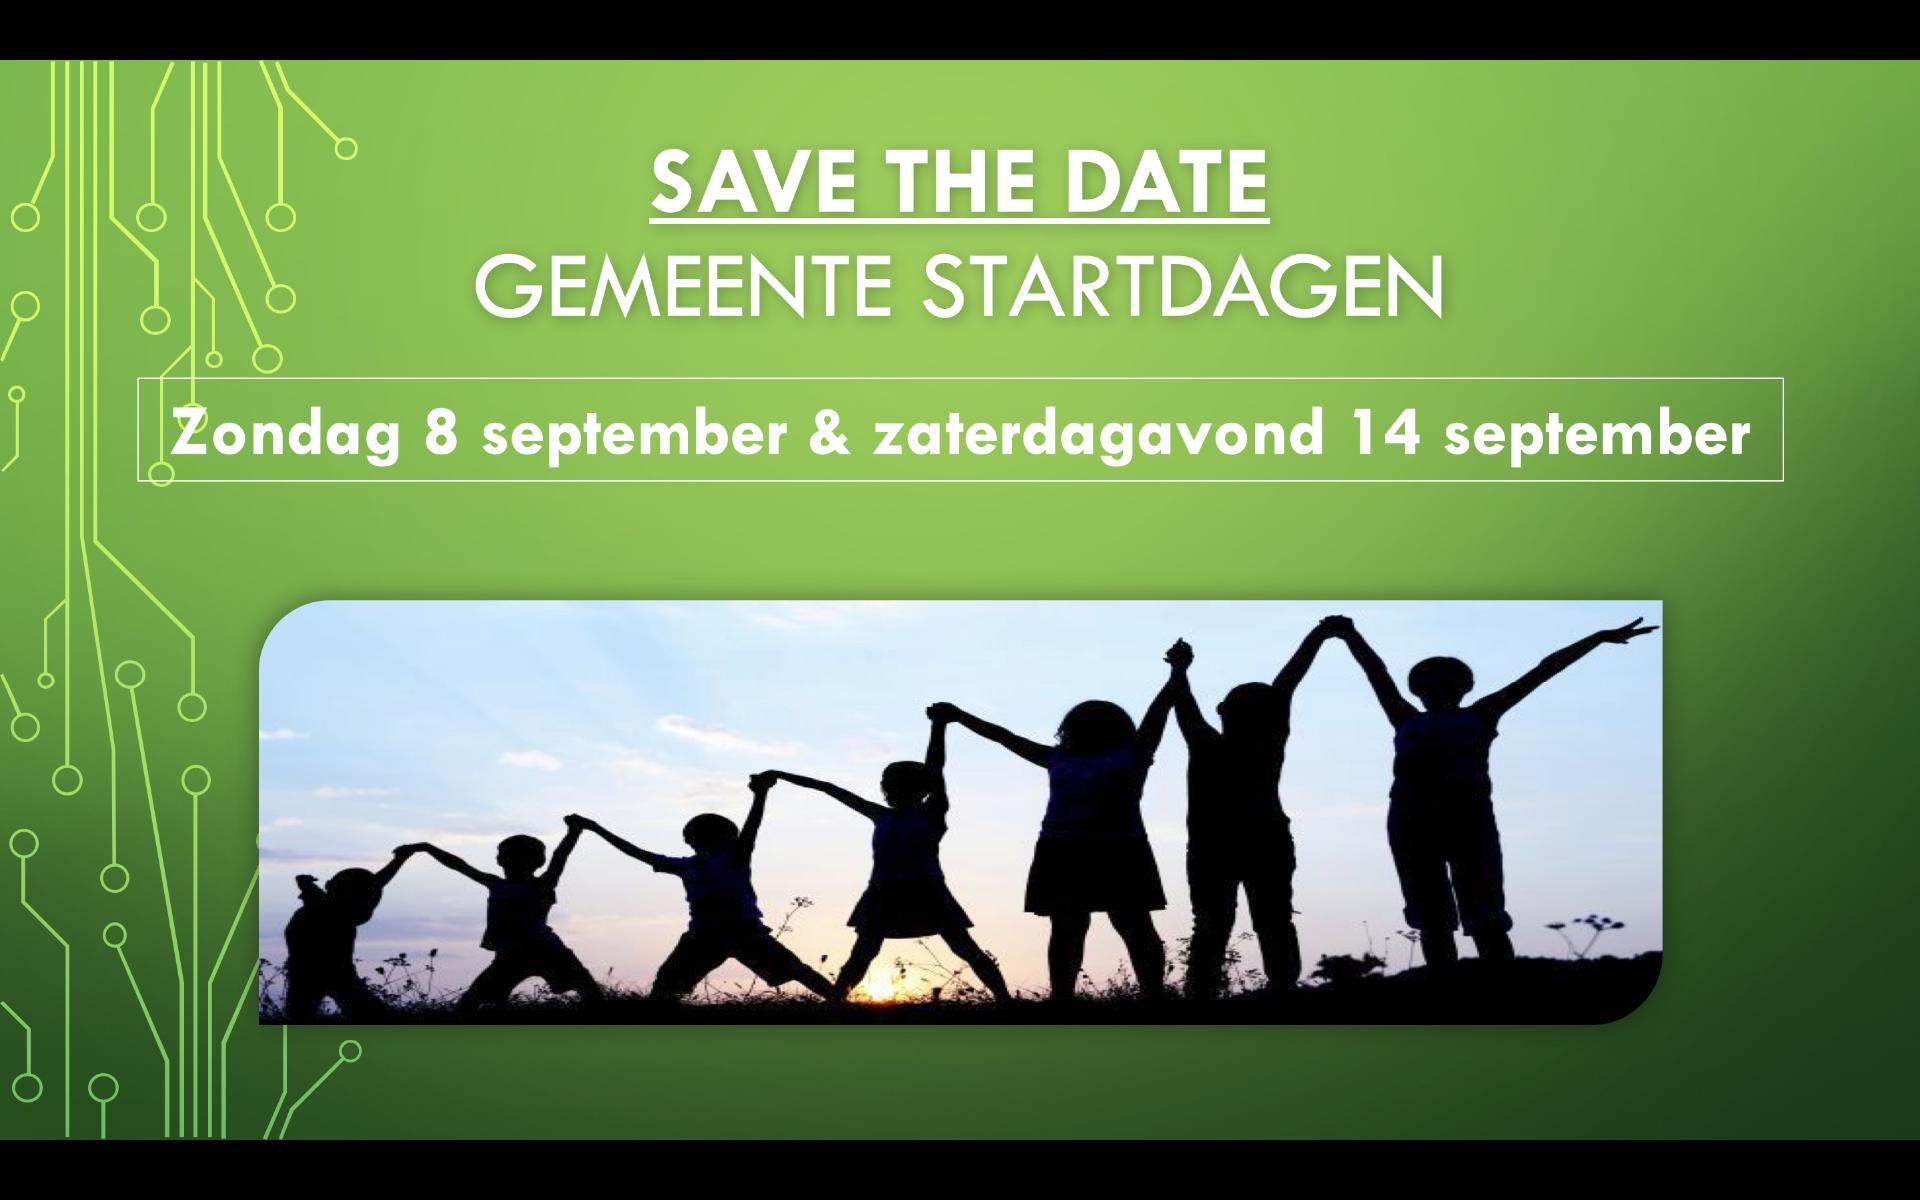 Save the date: gemeente startdagen